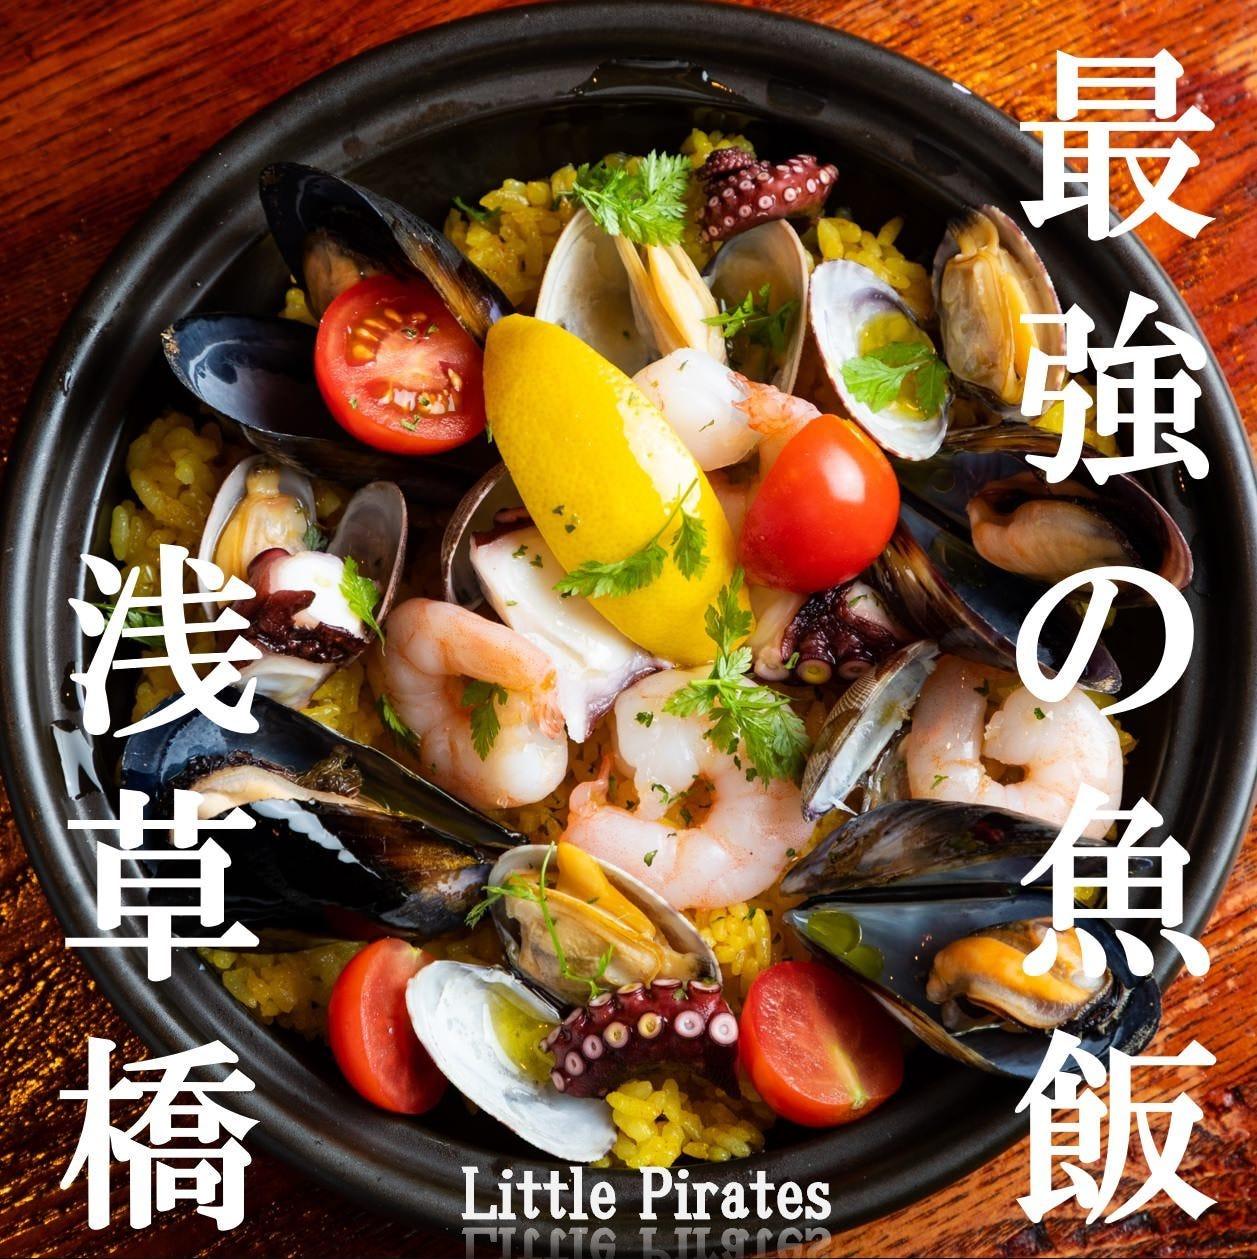 魚バル×イタリアン リトルパイレーツ 浅草橋